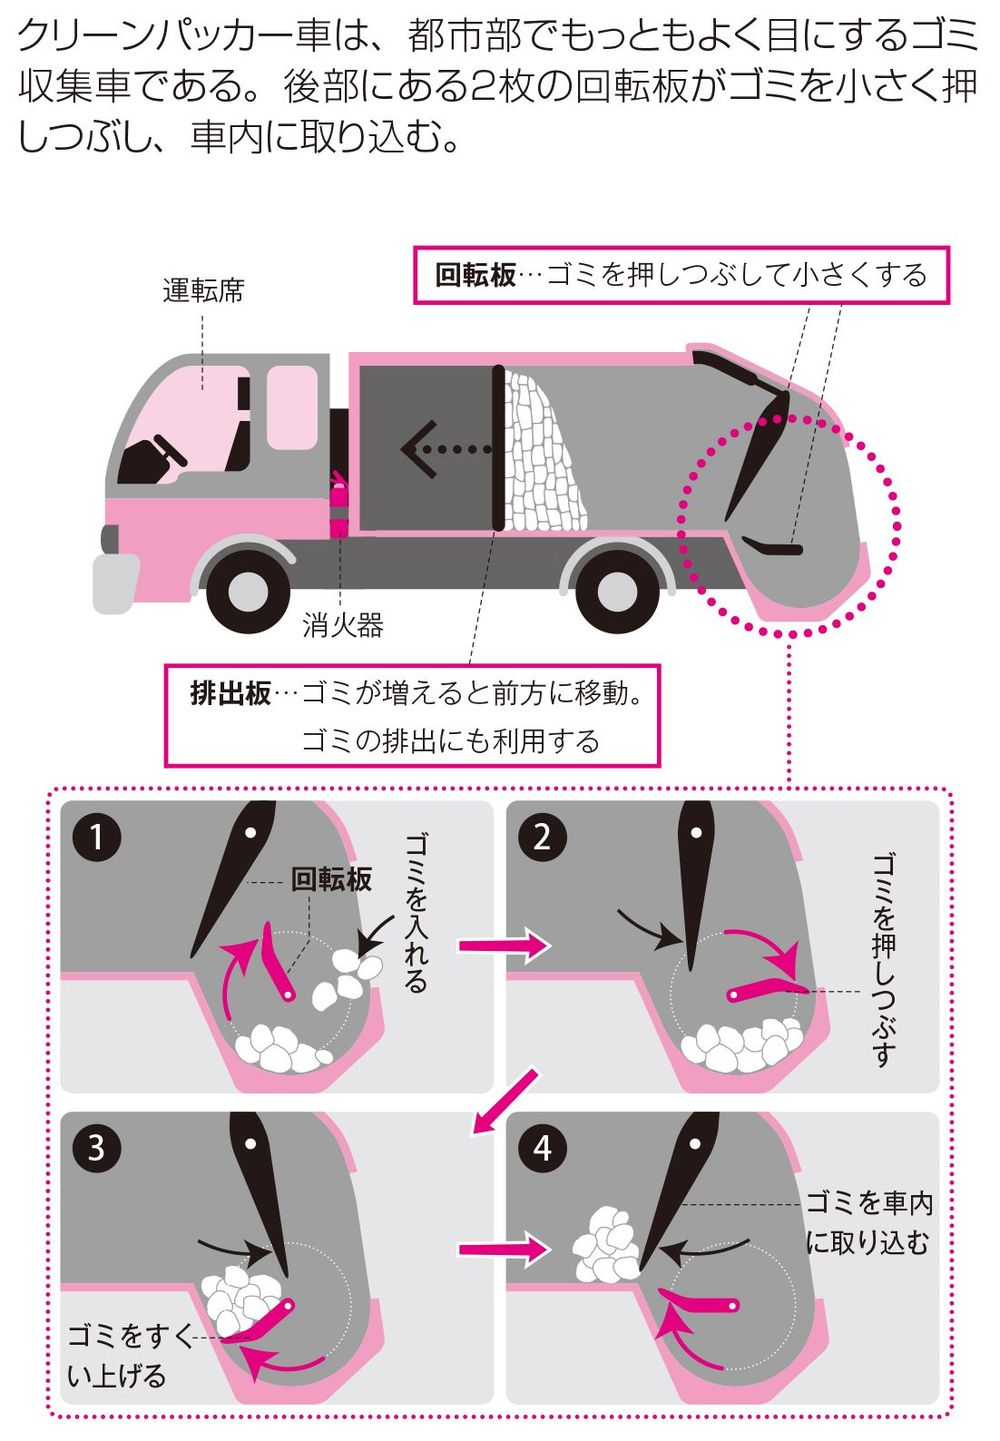 パッカー車の構造